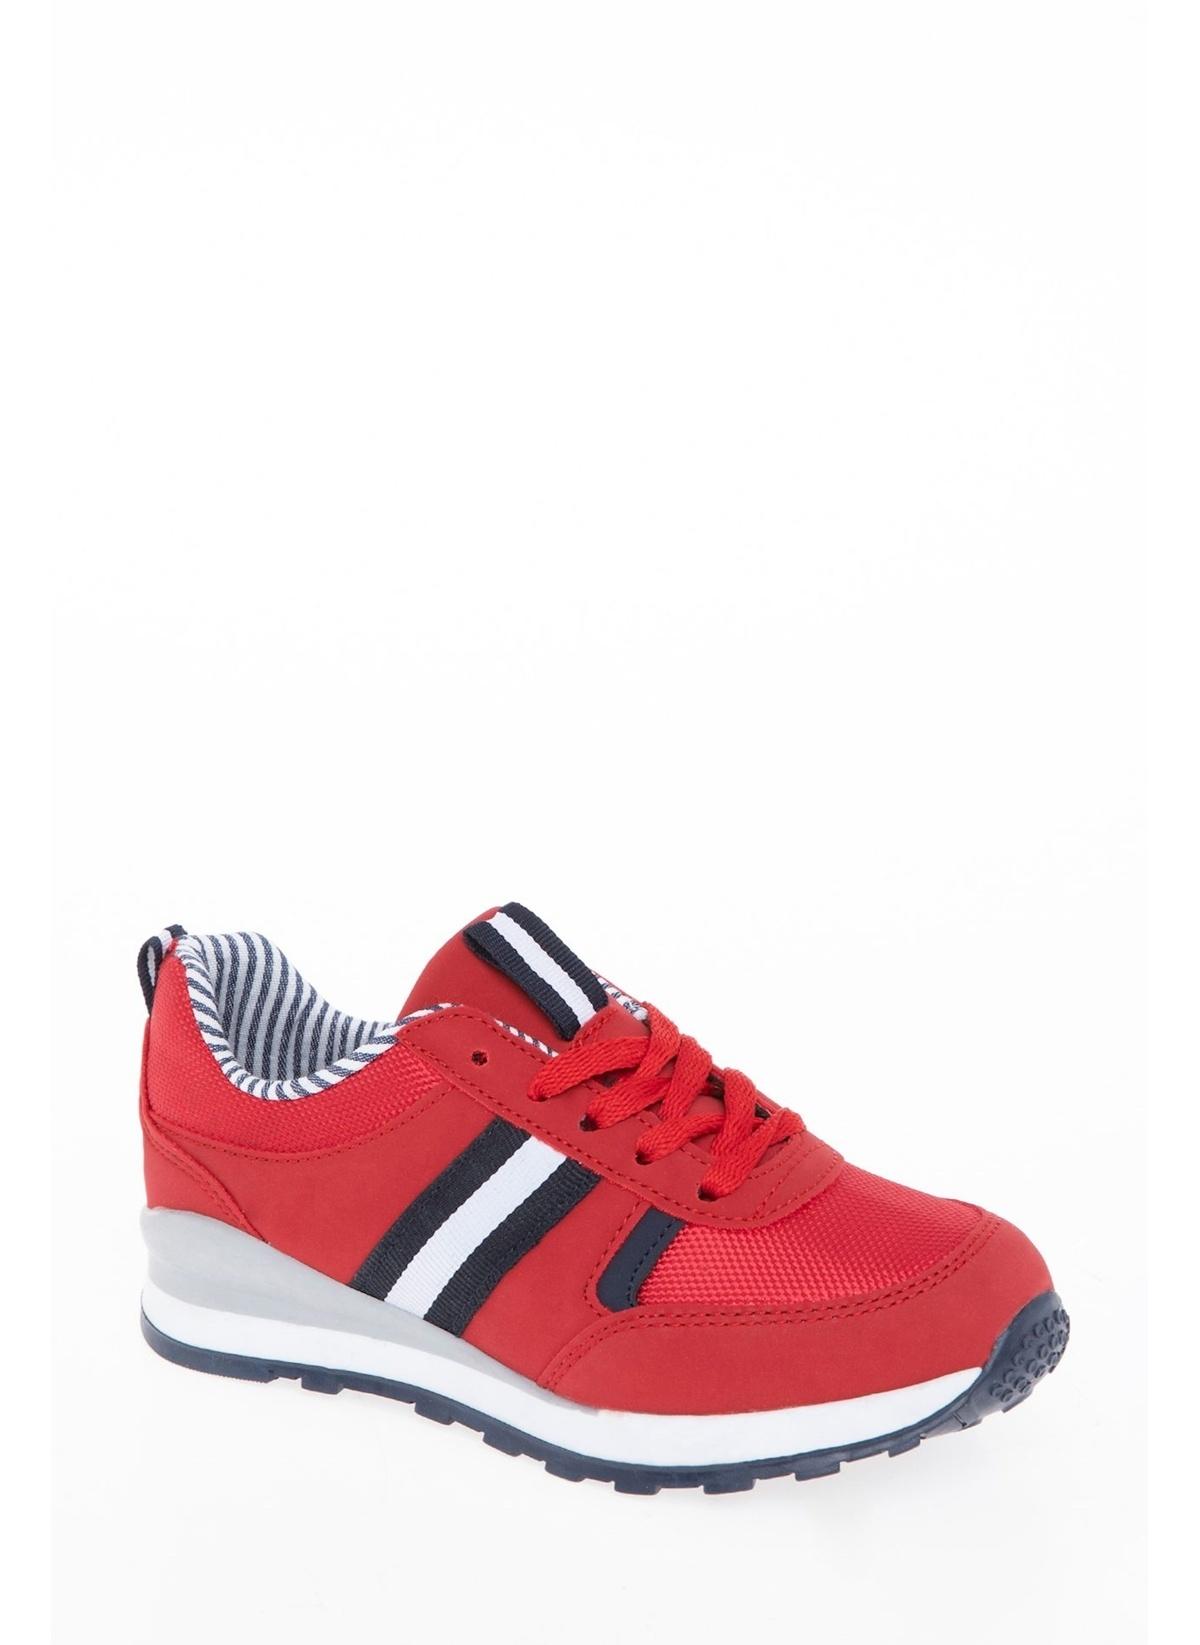 Defacto Spor Ayakkabı K5513a619sprd1 Renk Bloklu Spor Ayakkabı – 59.99 TL